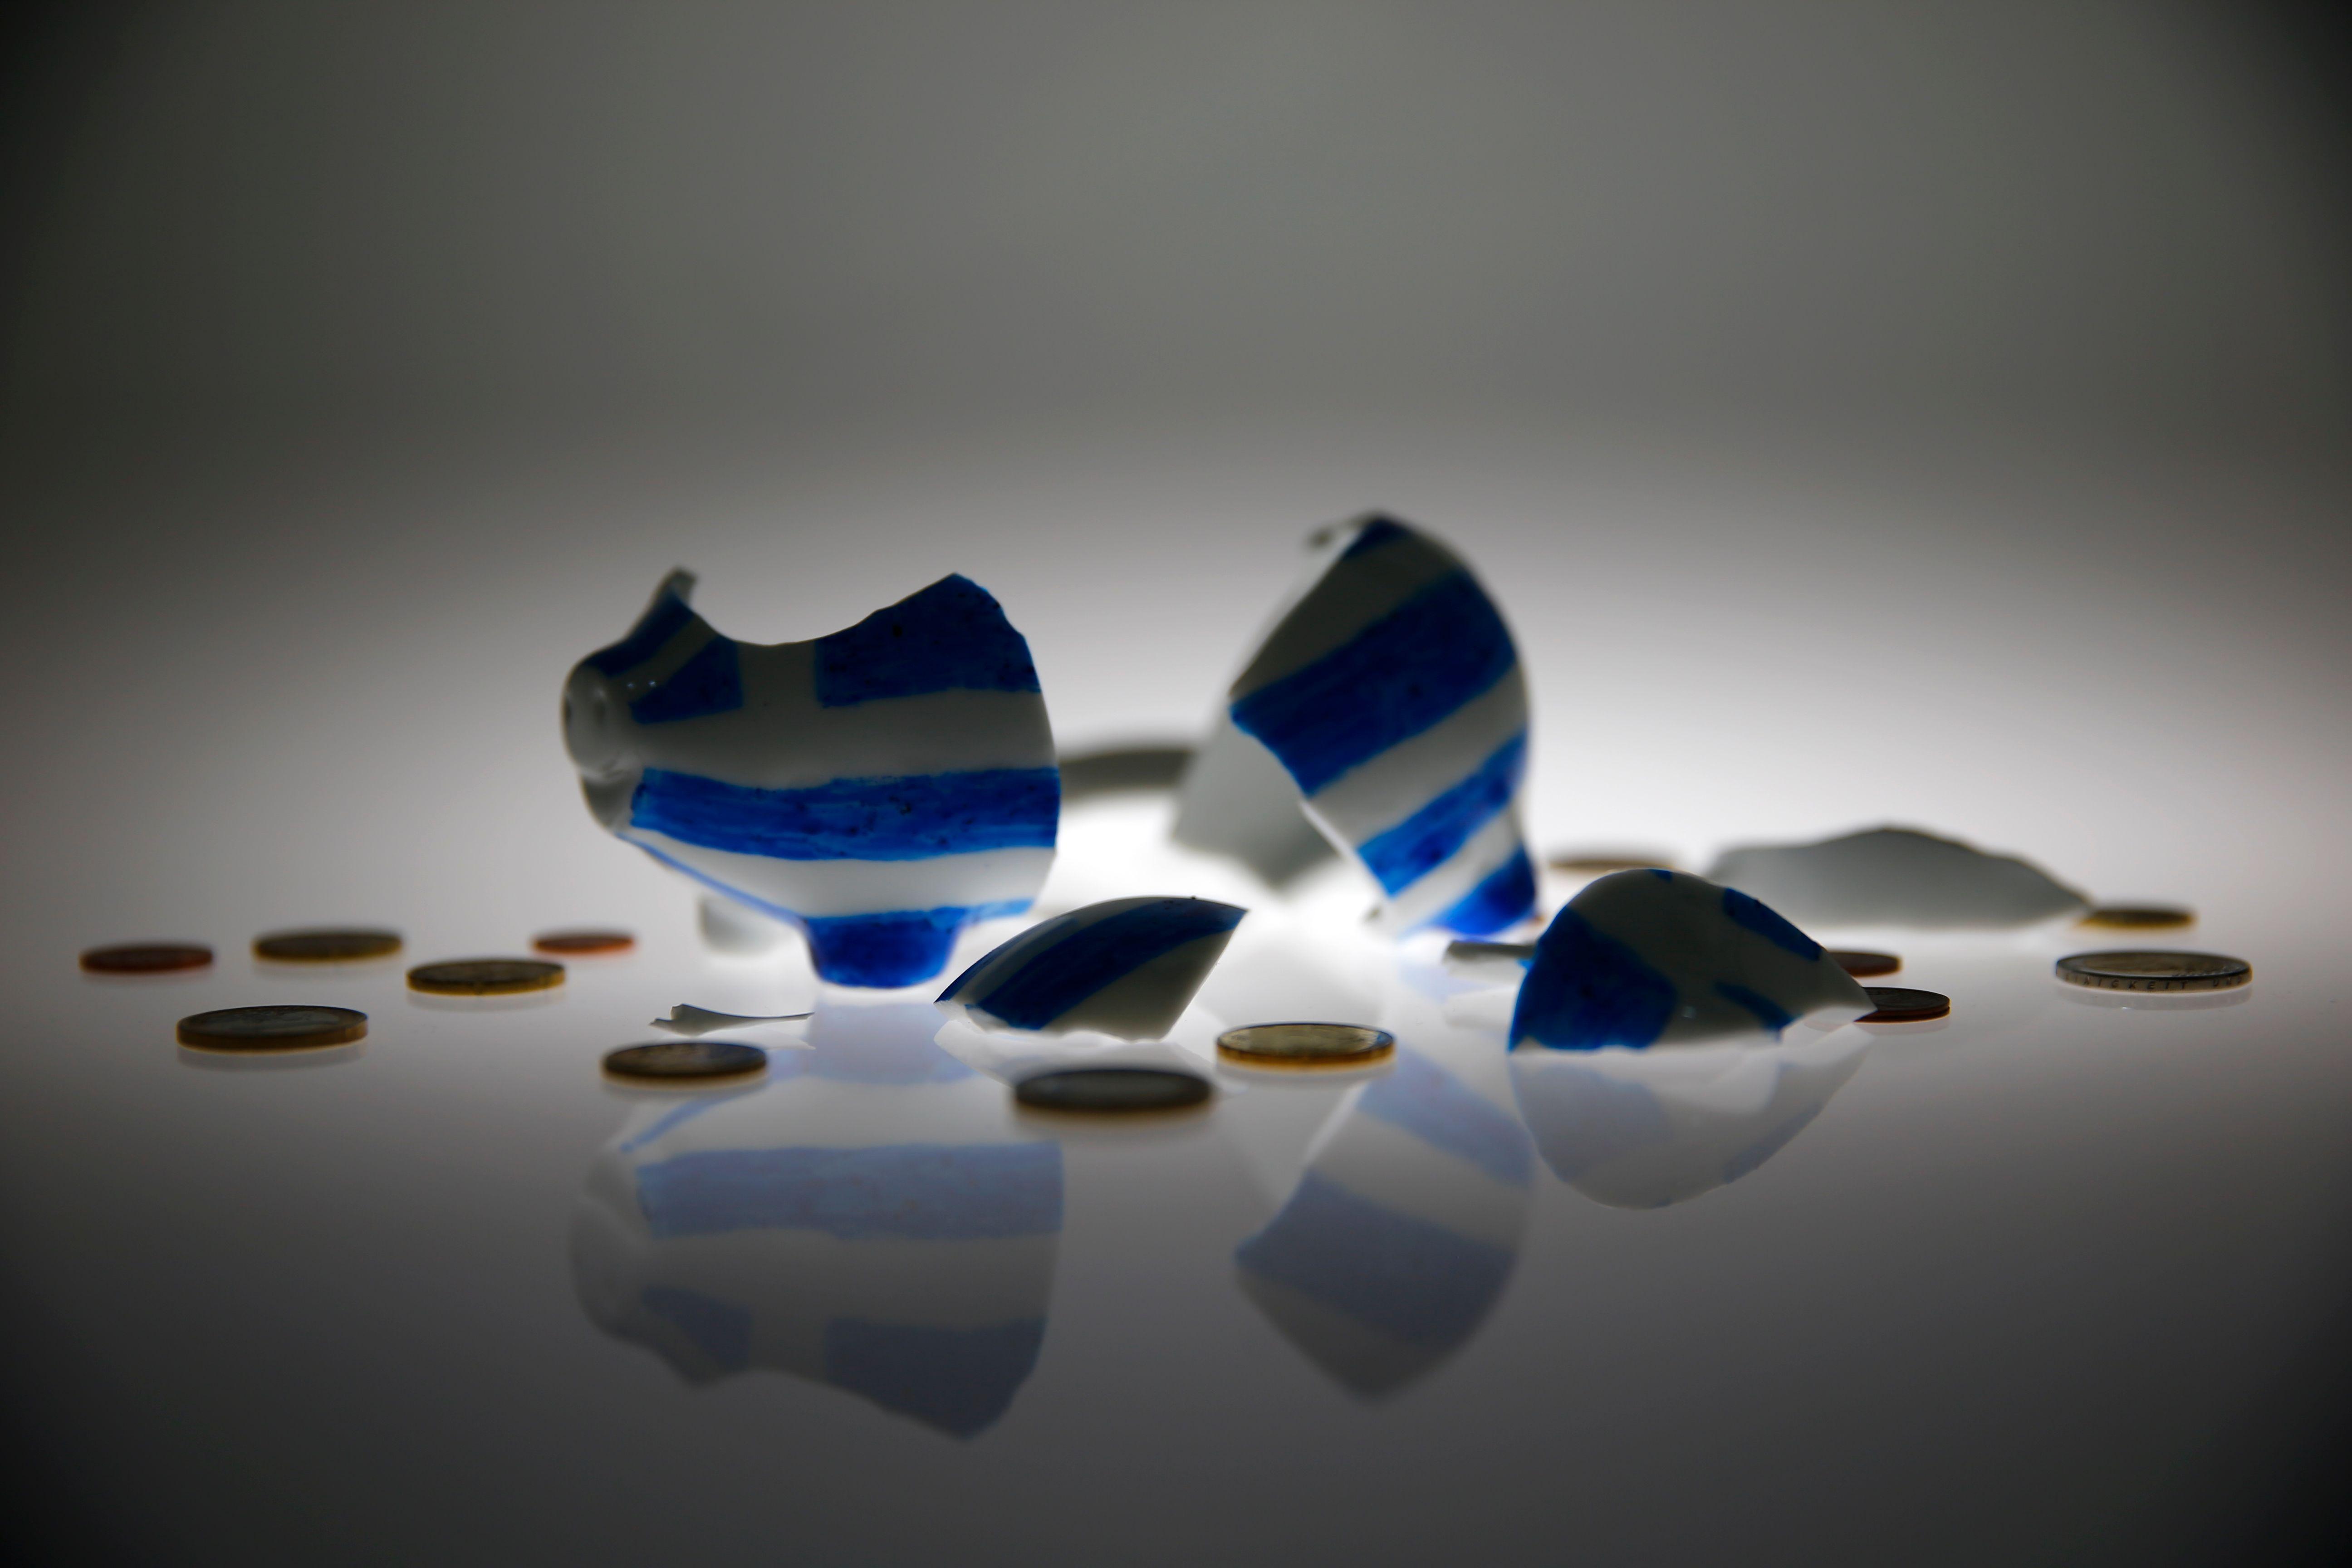 Grèce : réouverture sous tension de la bourse d'Athènes qui chute immédiatement de 23%